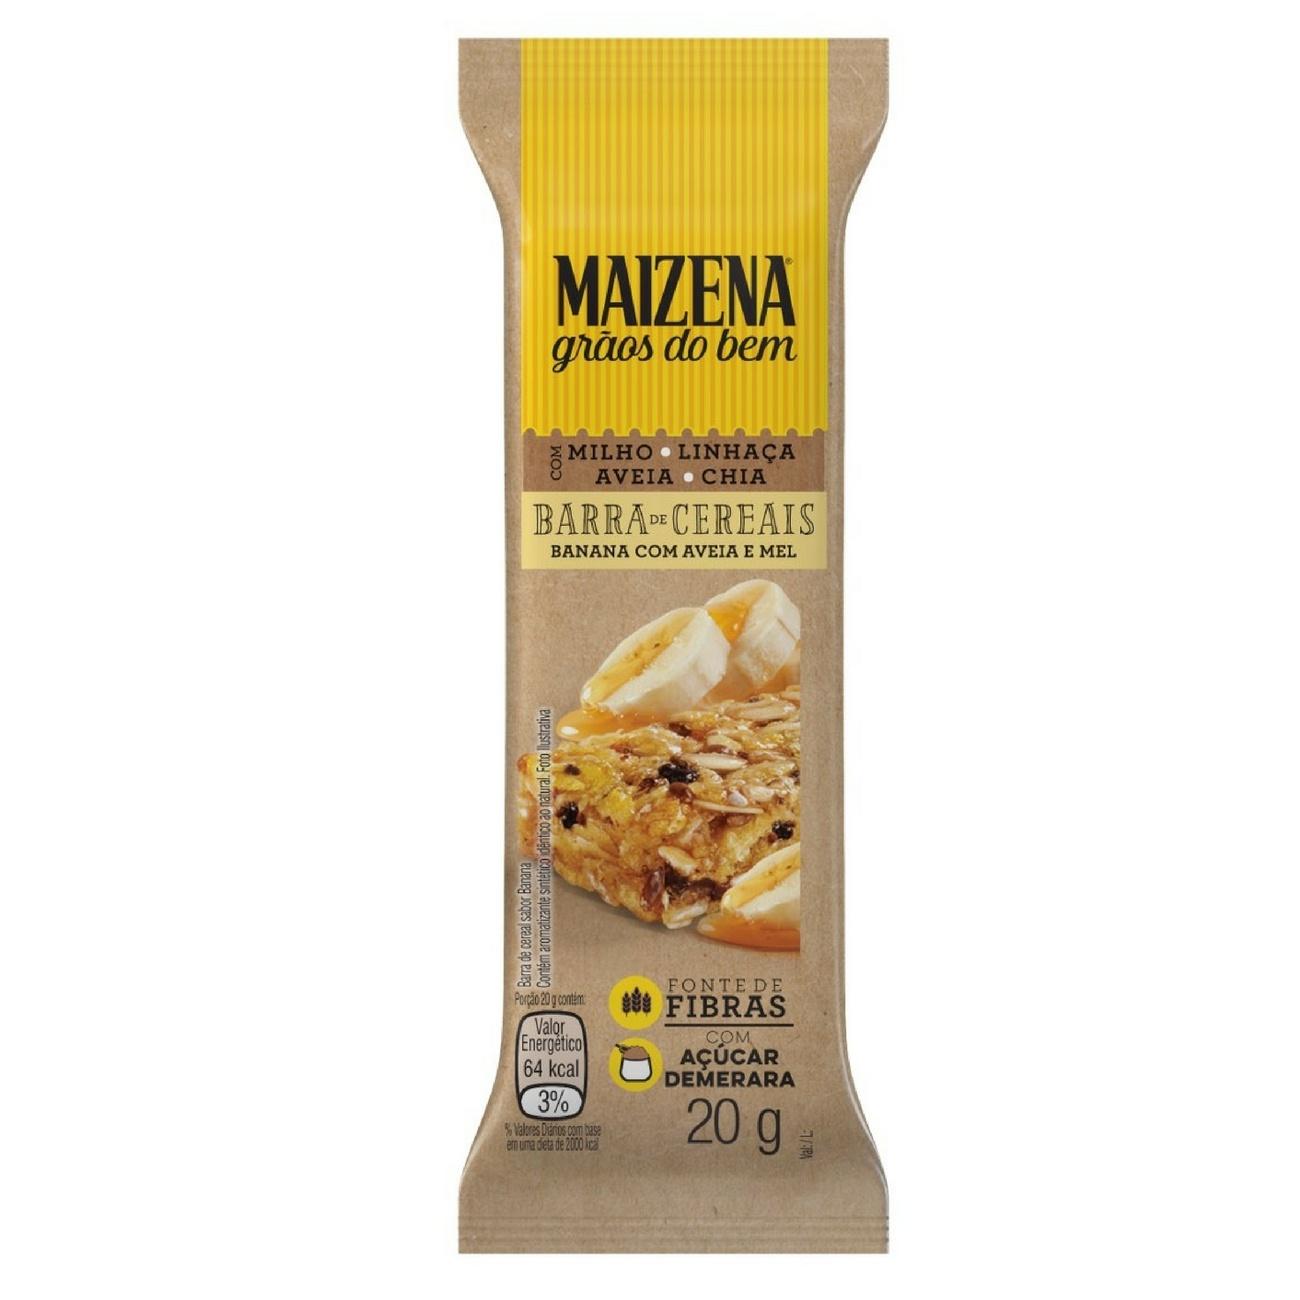 Barra de Cereais Maizena Grãos do Bem Banana com Aveia e Mel 20g | Caixa com 1